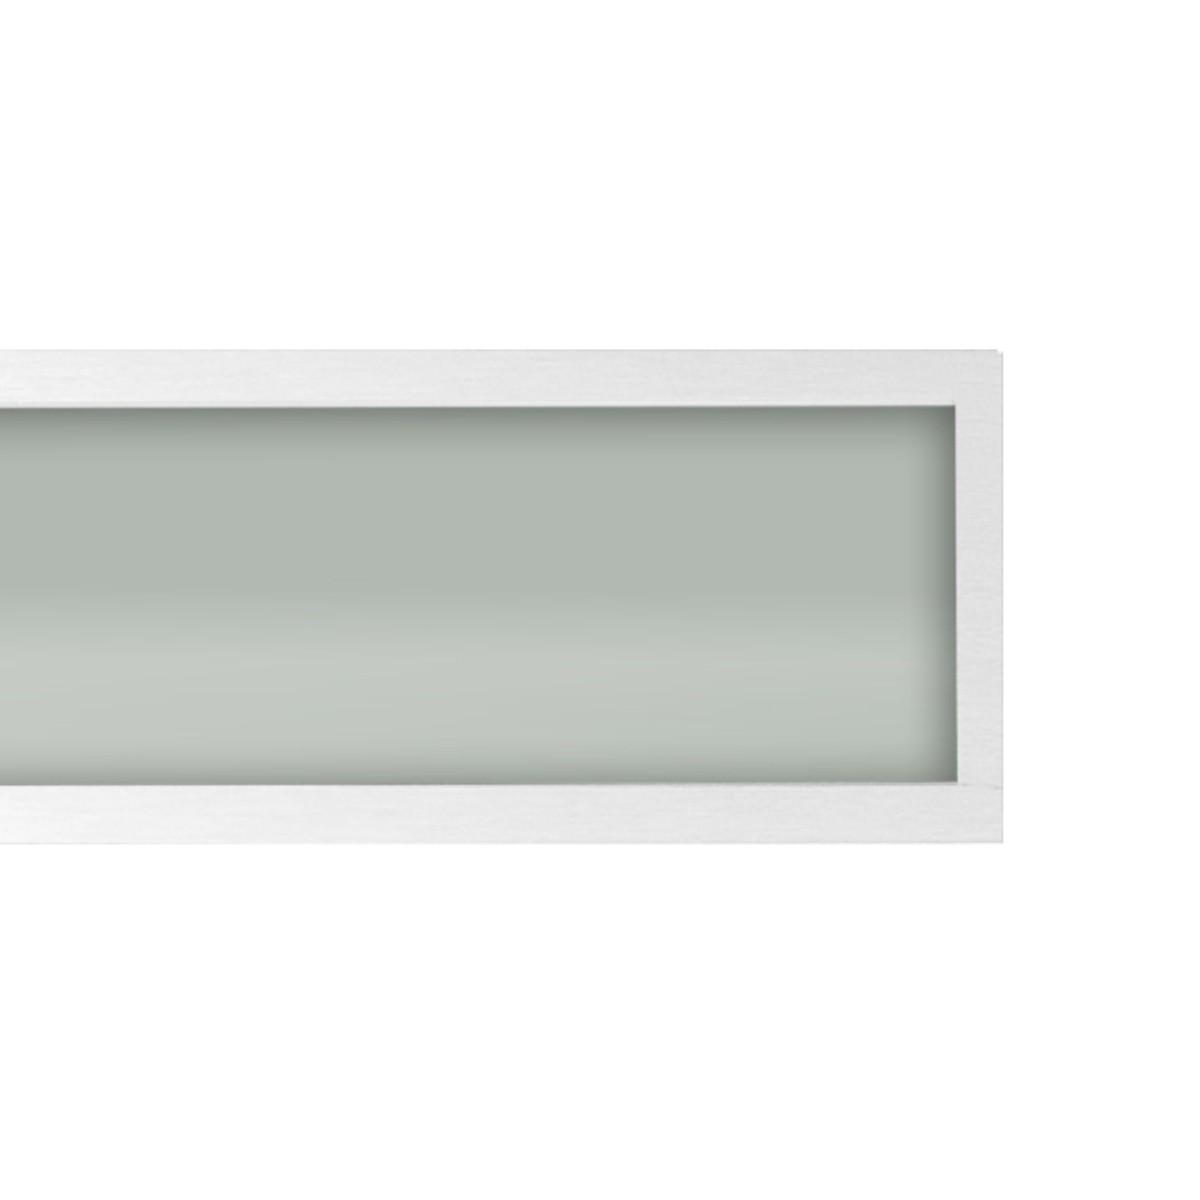 Plafon Space Emb. Ret.   75cm Alum. Vidro Fosco 2x20w Fluor.  Branco 05 Unidades